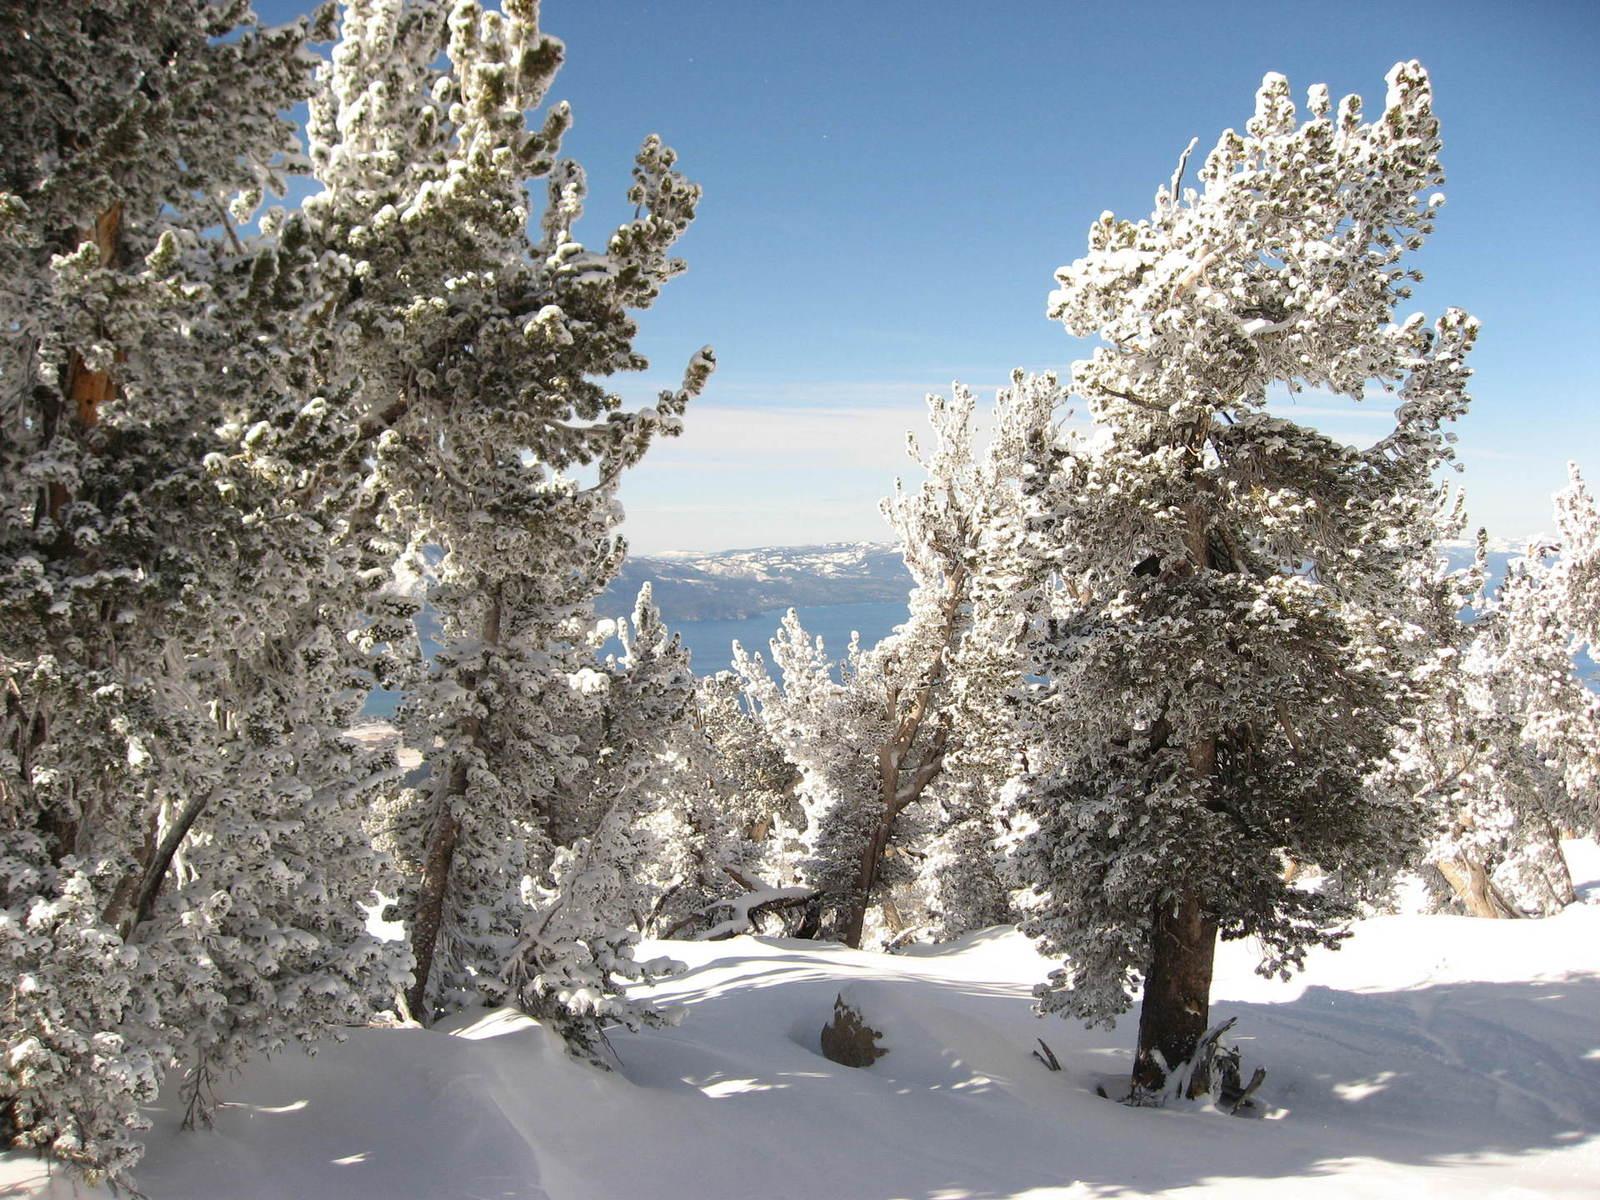 lake tahoe california drought snowpack measurement